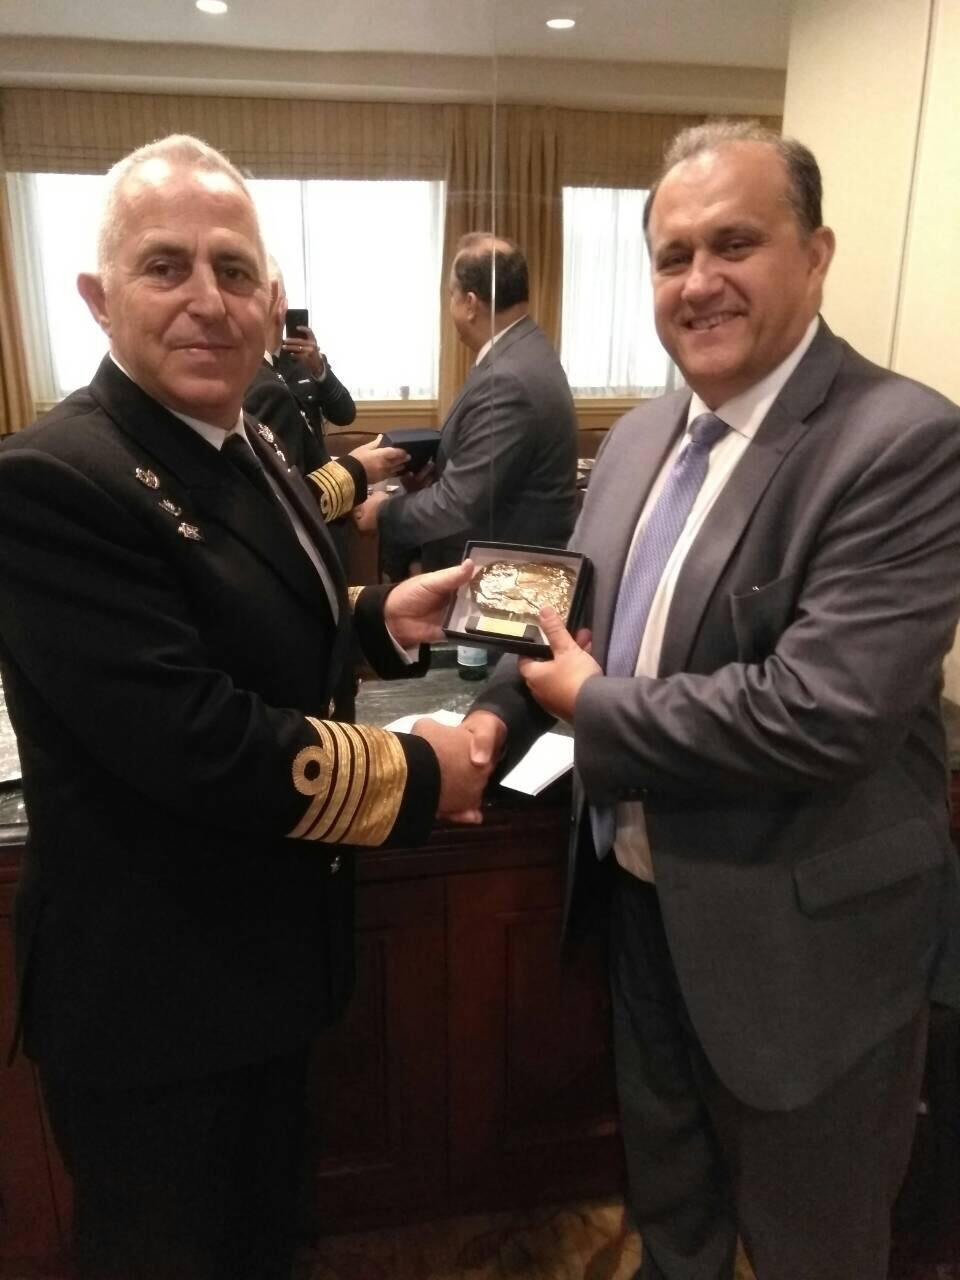 Admiral Apostolakis presents a memento to AHI President Nick Larigakis.